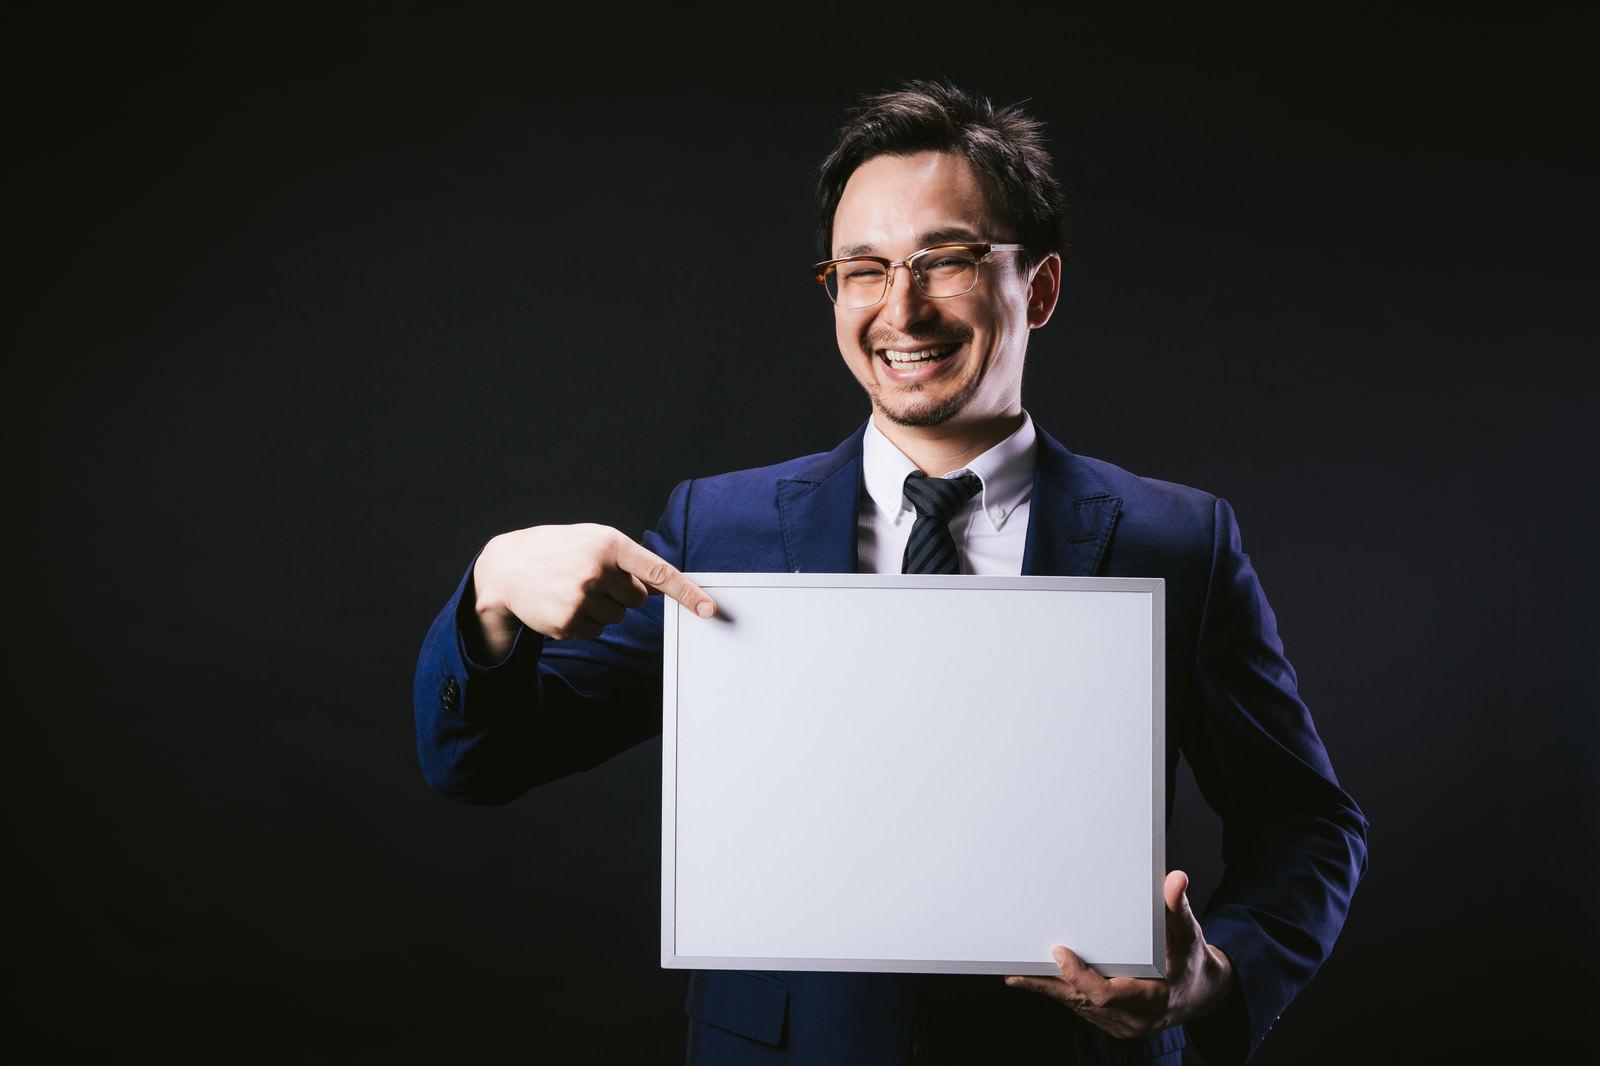 「笑顔でフリップの内容を伝えるドイツ人ハーフ」の写真[モデル:Max_Ezaki]